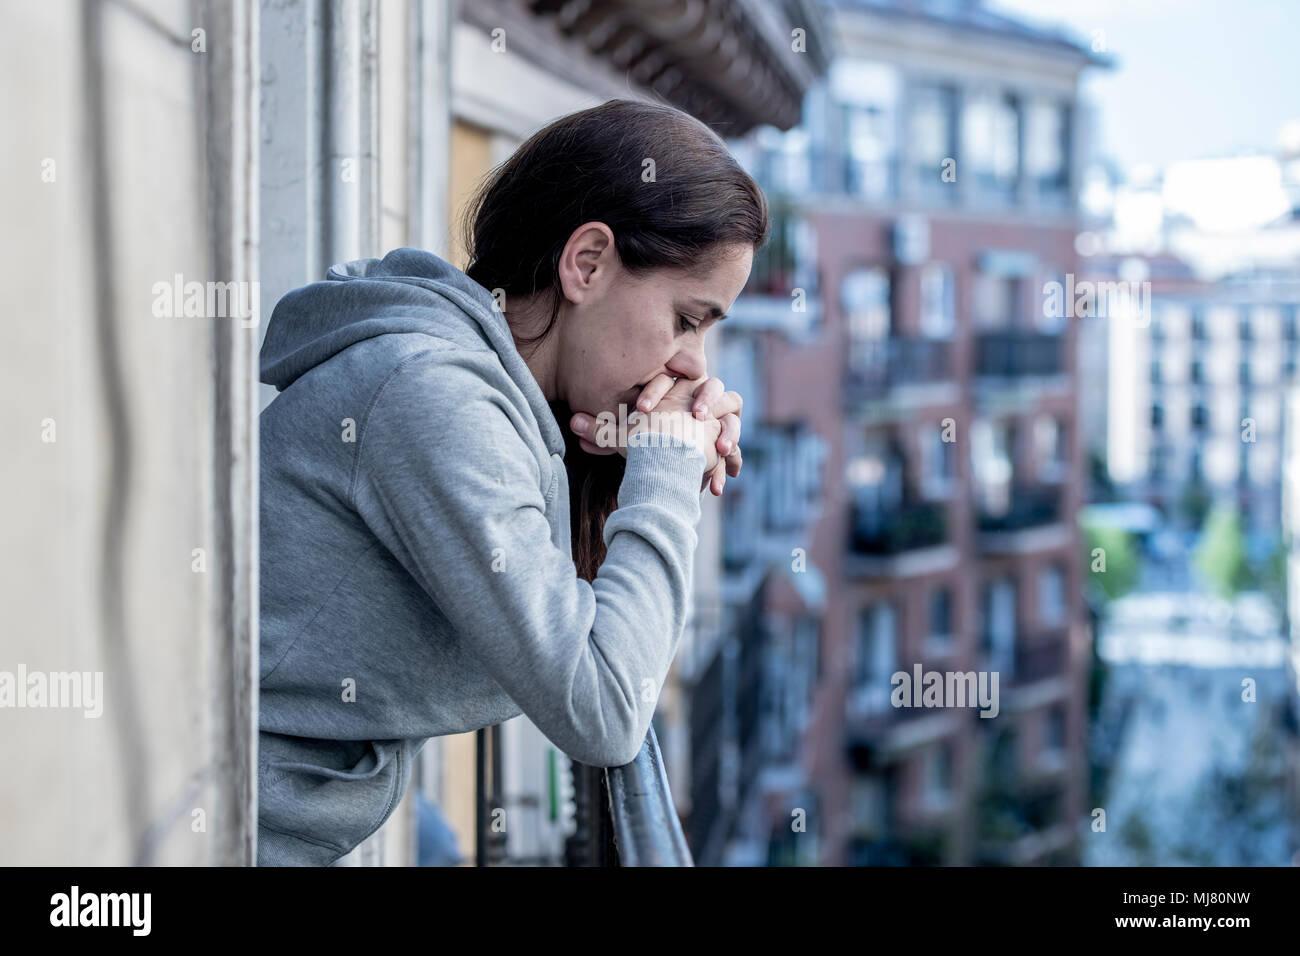 Junge Latein. traurig und deprimiert Frau, die auf einem Balkon Gefühl überwältigt und Leiden Depressionen in der psychischen Gesundheit Konzept Stockfoto